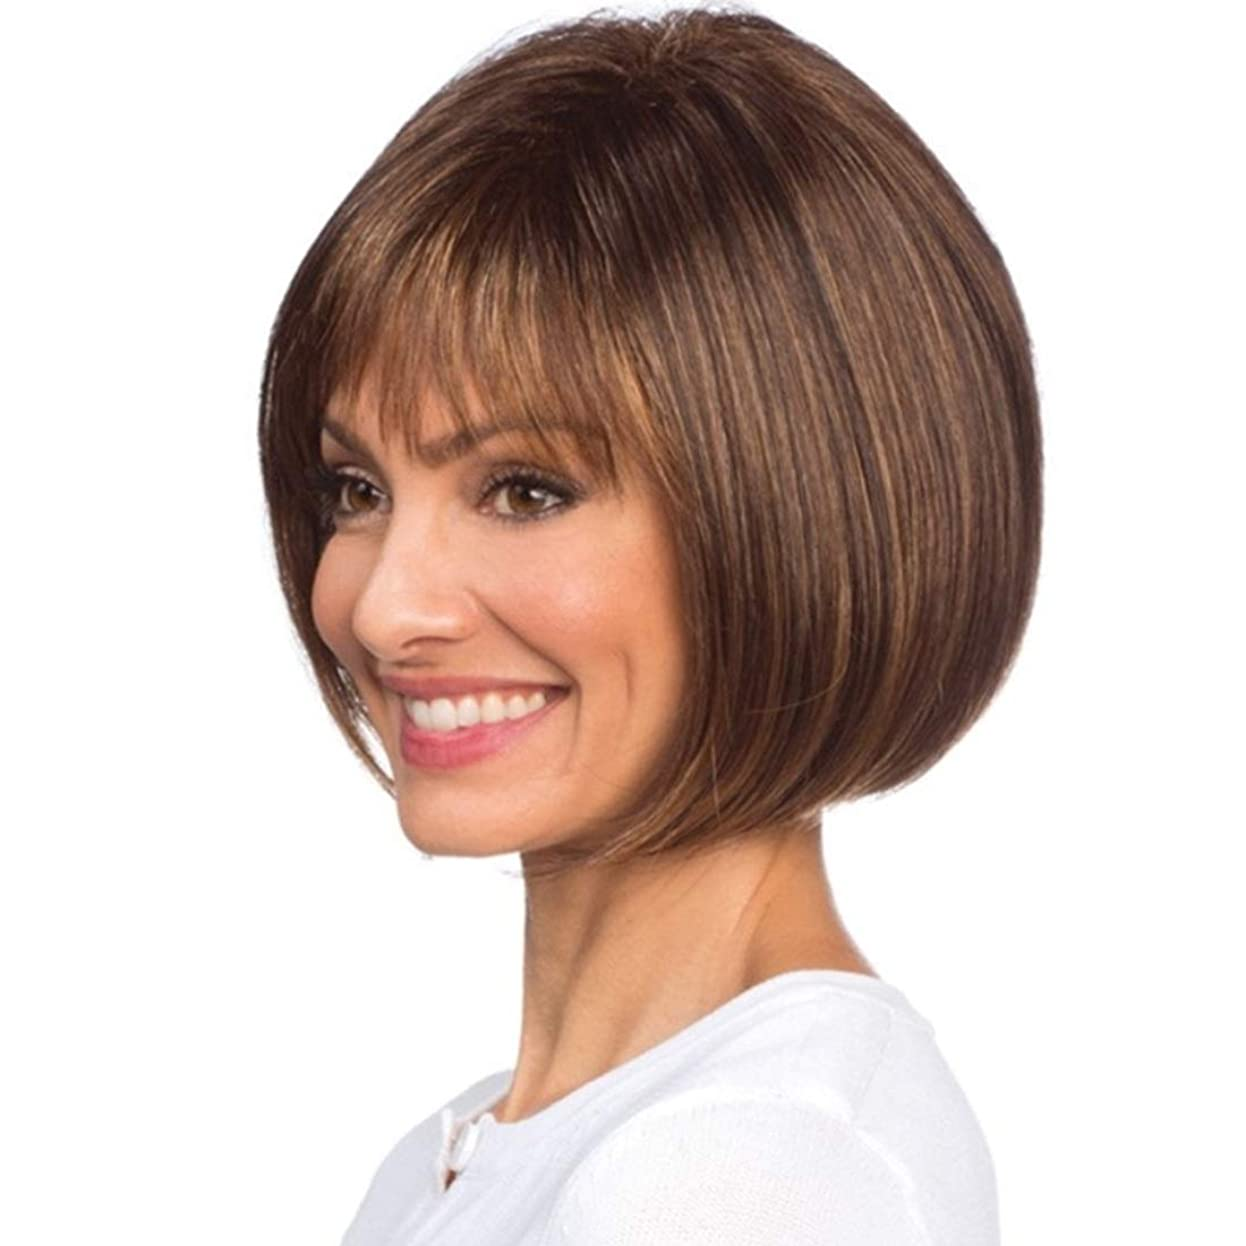 飛ぶ有用再撮りSummerys ソフト&スムーズ女性用前髪付き女性ガールズショートストレート合成かつら